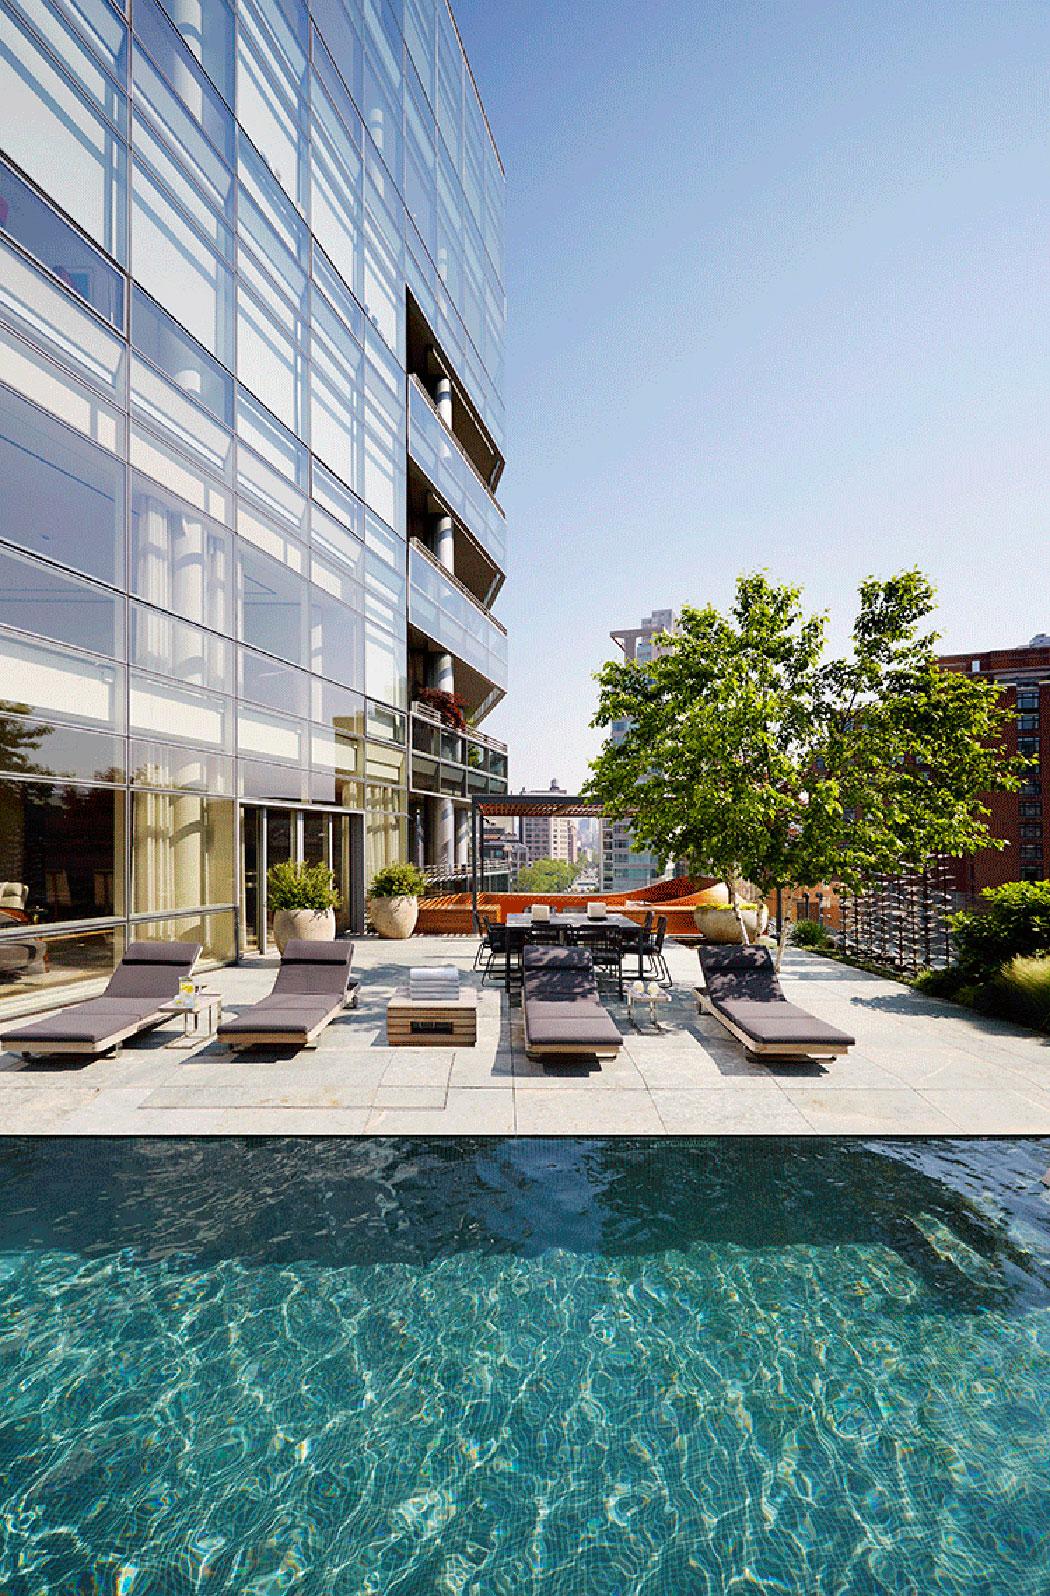 Une r sidence de luxe un triplex sp cialement cr dans le quartier newyorkais de tribeca - Residence de luxe montagne locati ...